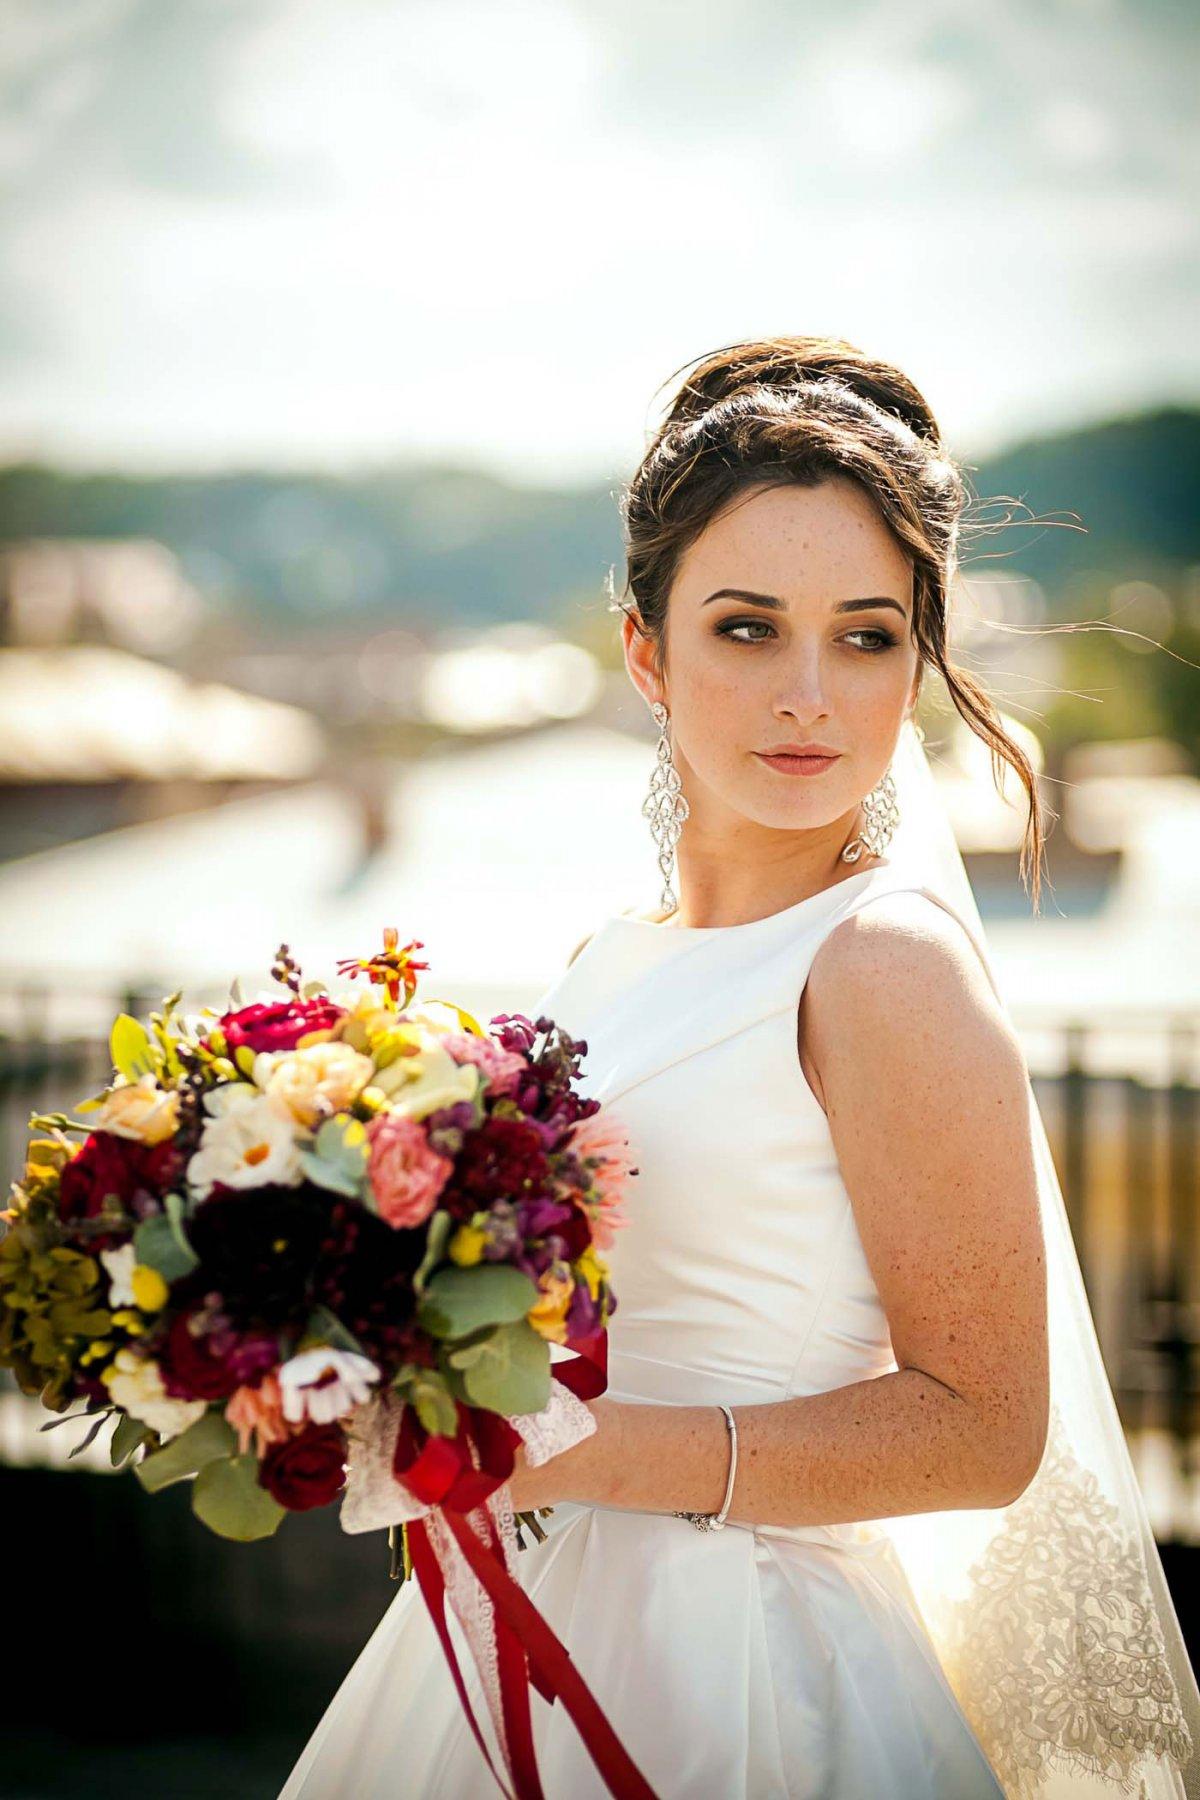 Фото нареченої з букетом